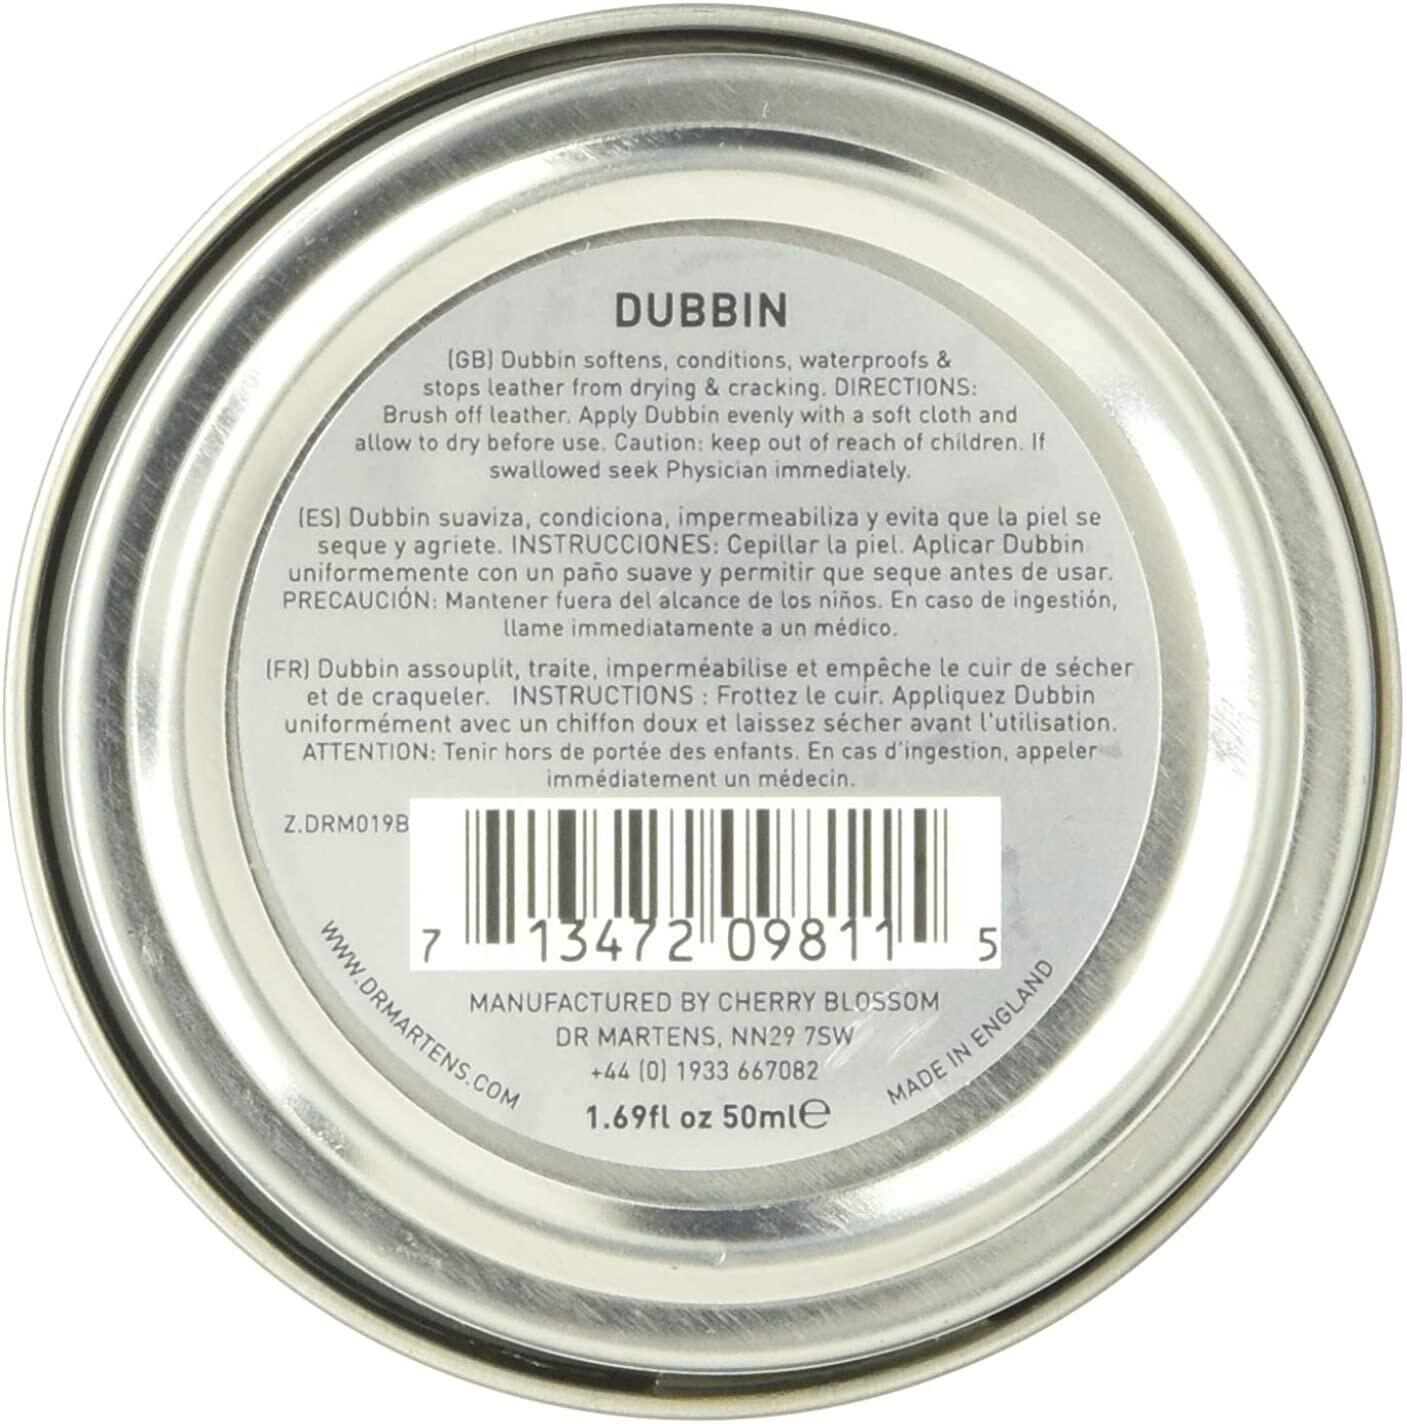 Dr.Martens DUBBIN 50ml: Buy sell online